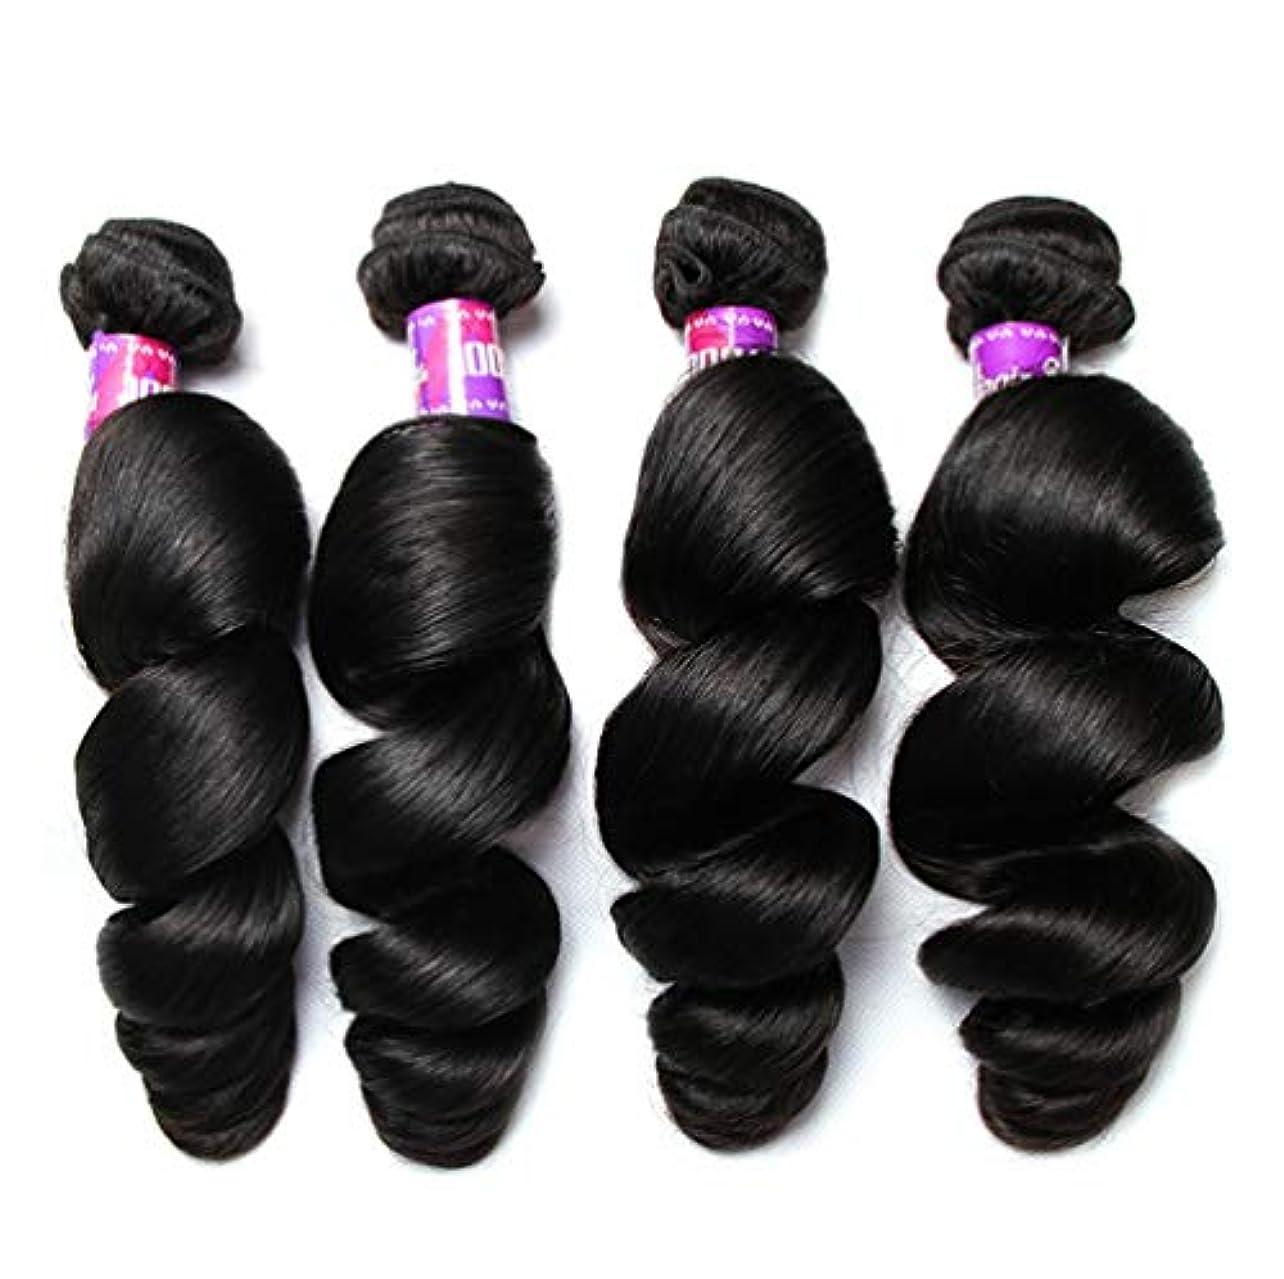 迷信マッサージ旋律的ブラジルのボディーウェーブの毛の束8Aブラジルのボディーウェーブのバージンの毛100%未処理の二重よこ糸の人間の毛髪延長(3束)